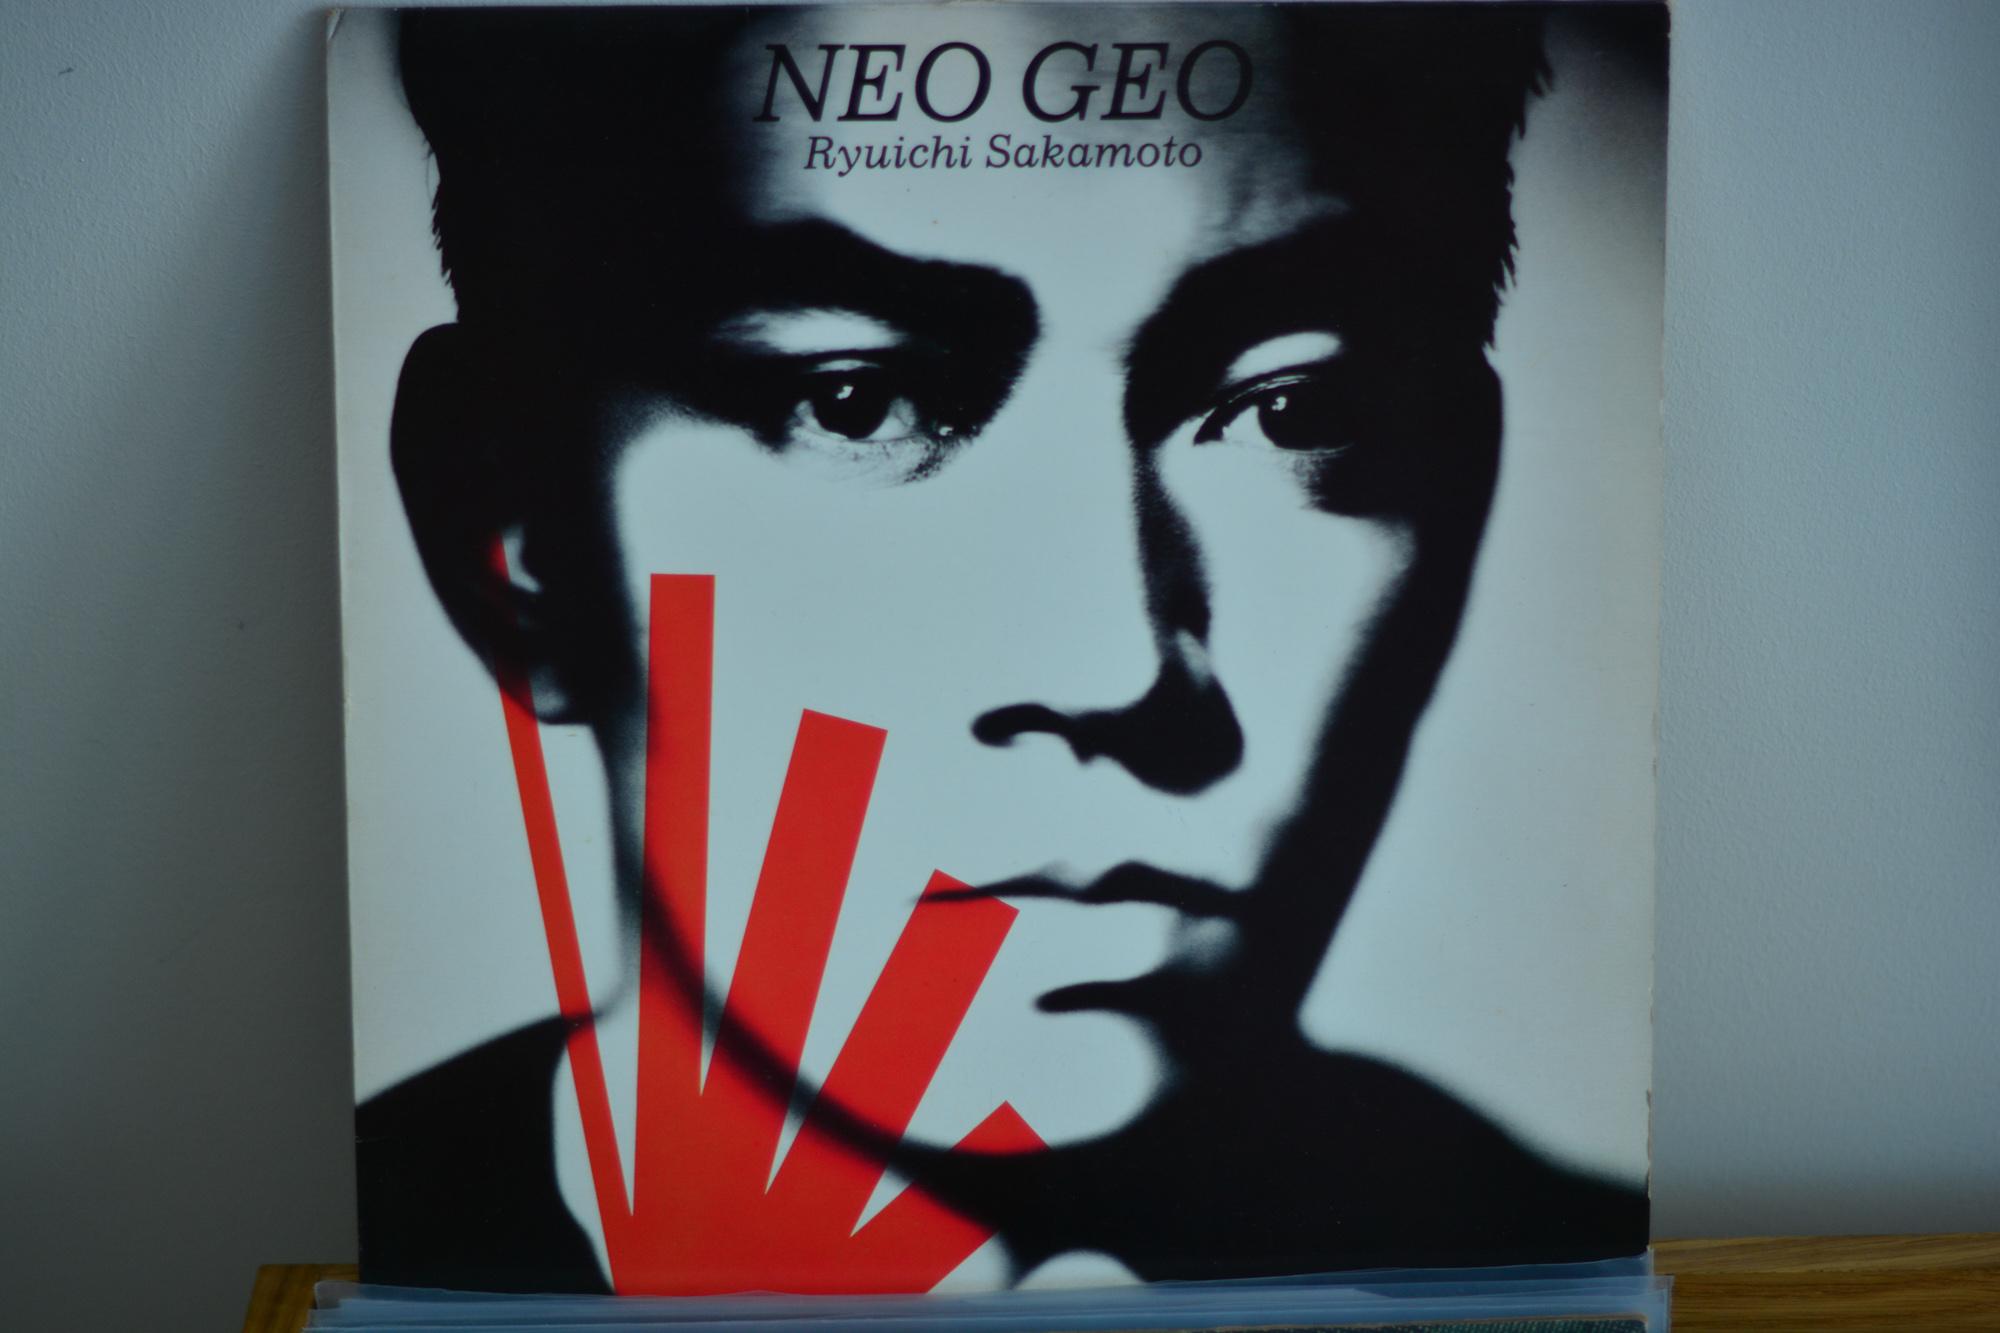 Ryuichi Sakamoto - Neo Geo